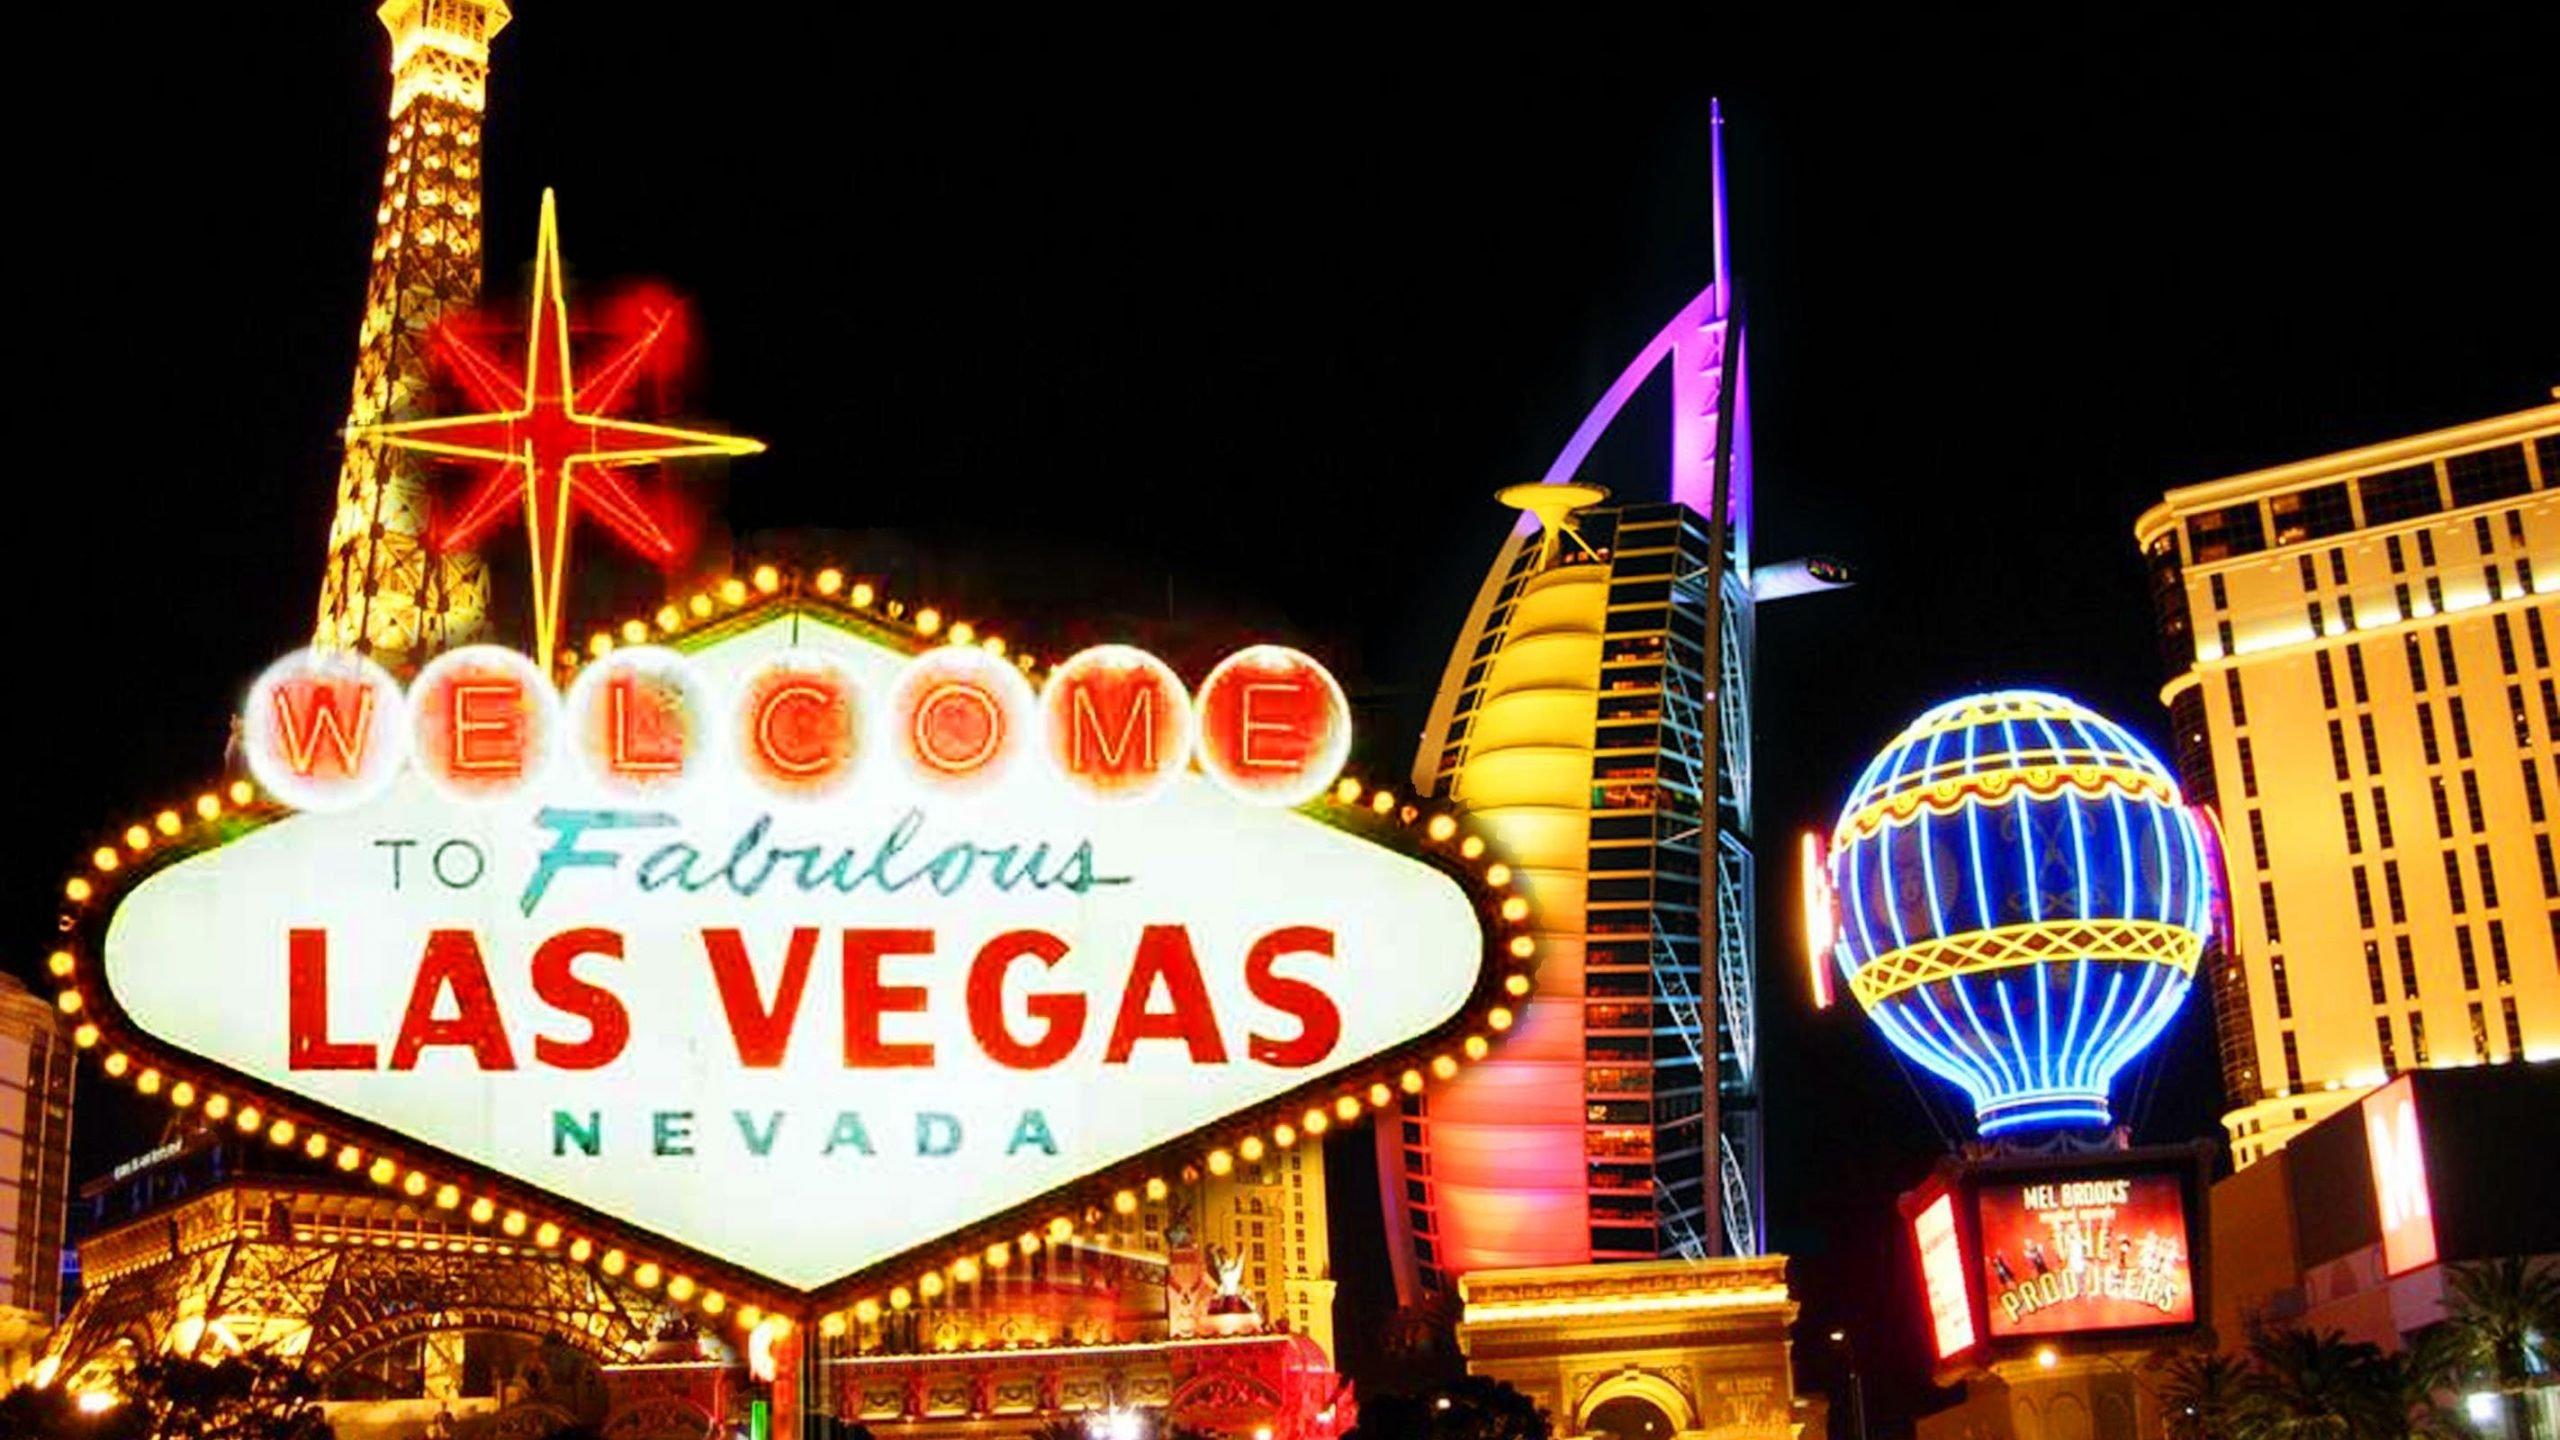 Американцев попросили воздержаться от посещения казино